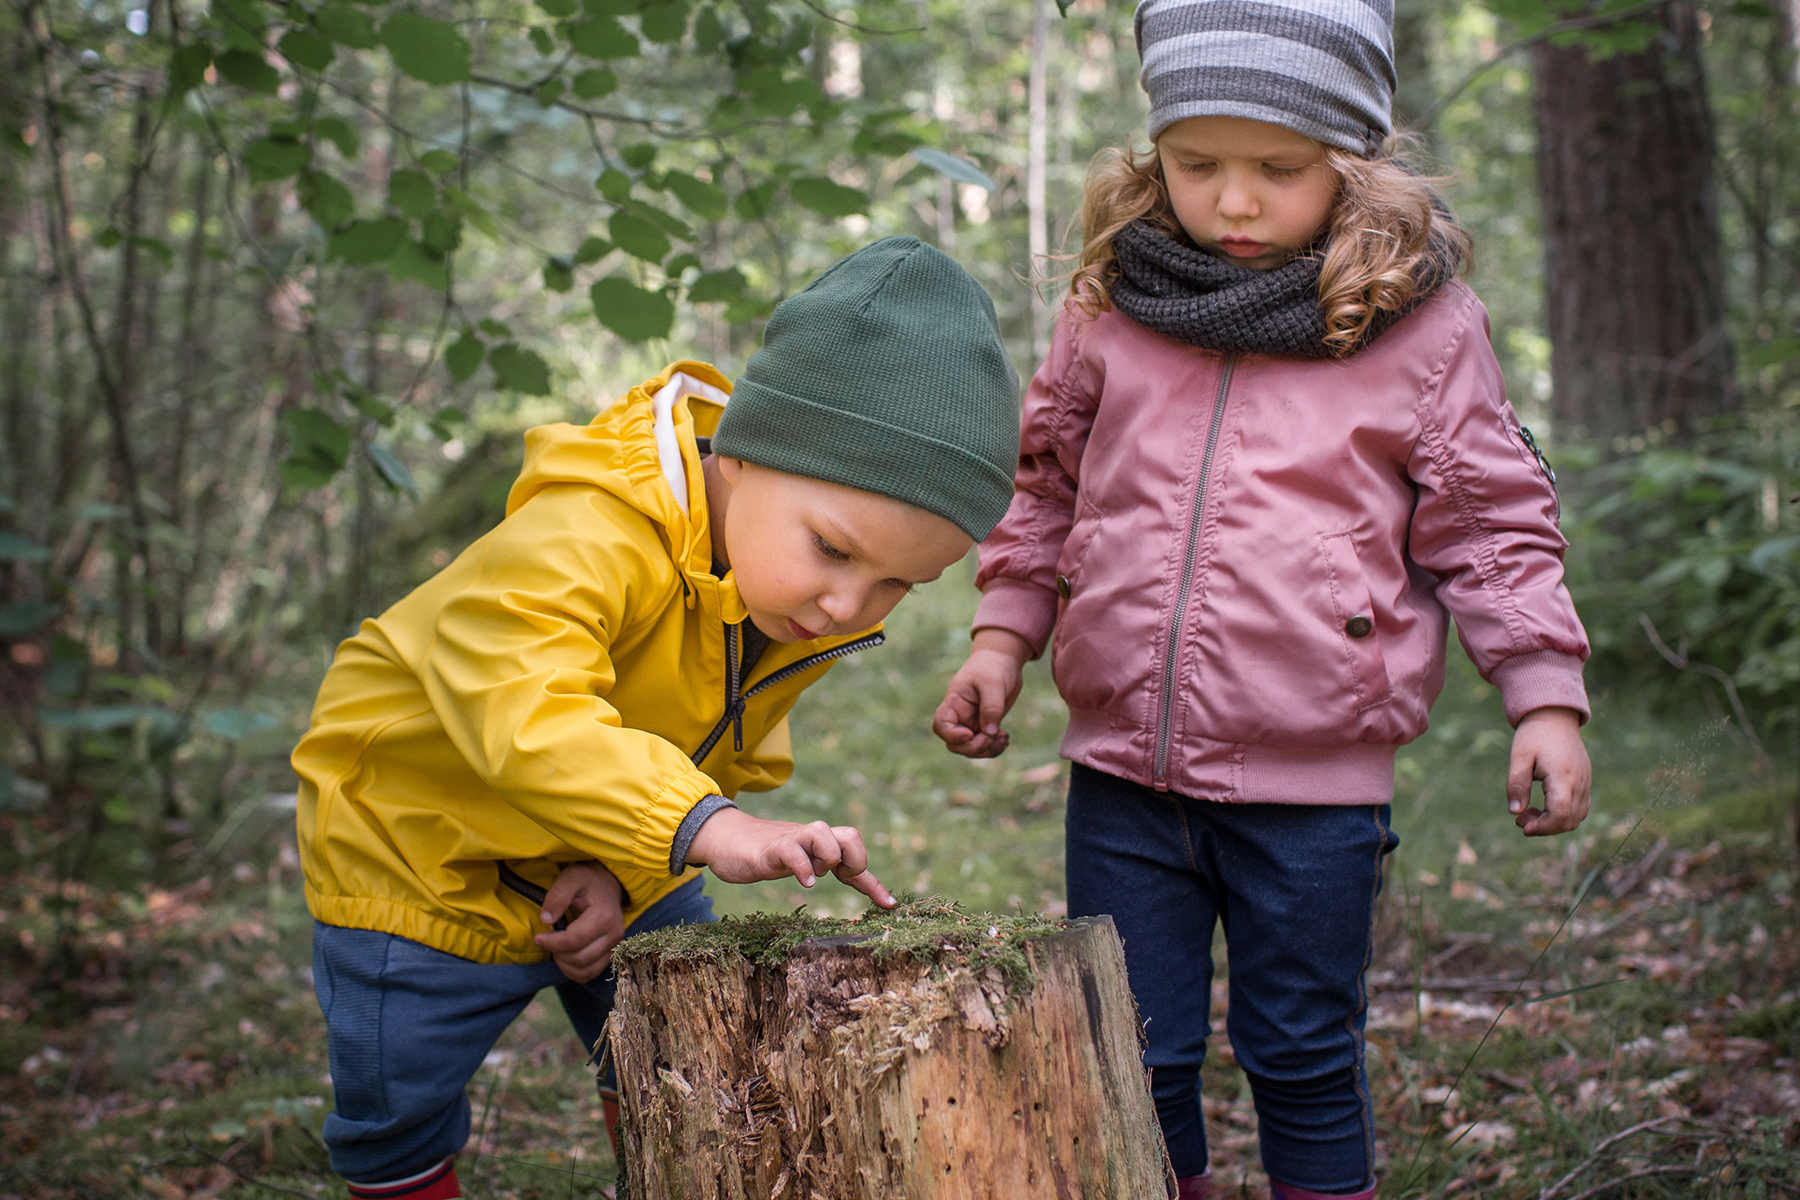 ¿Qué ropa de recambio necesitan los niños en la guardería?